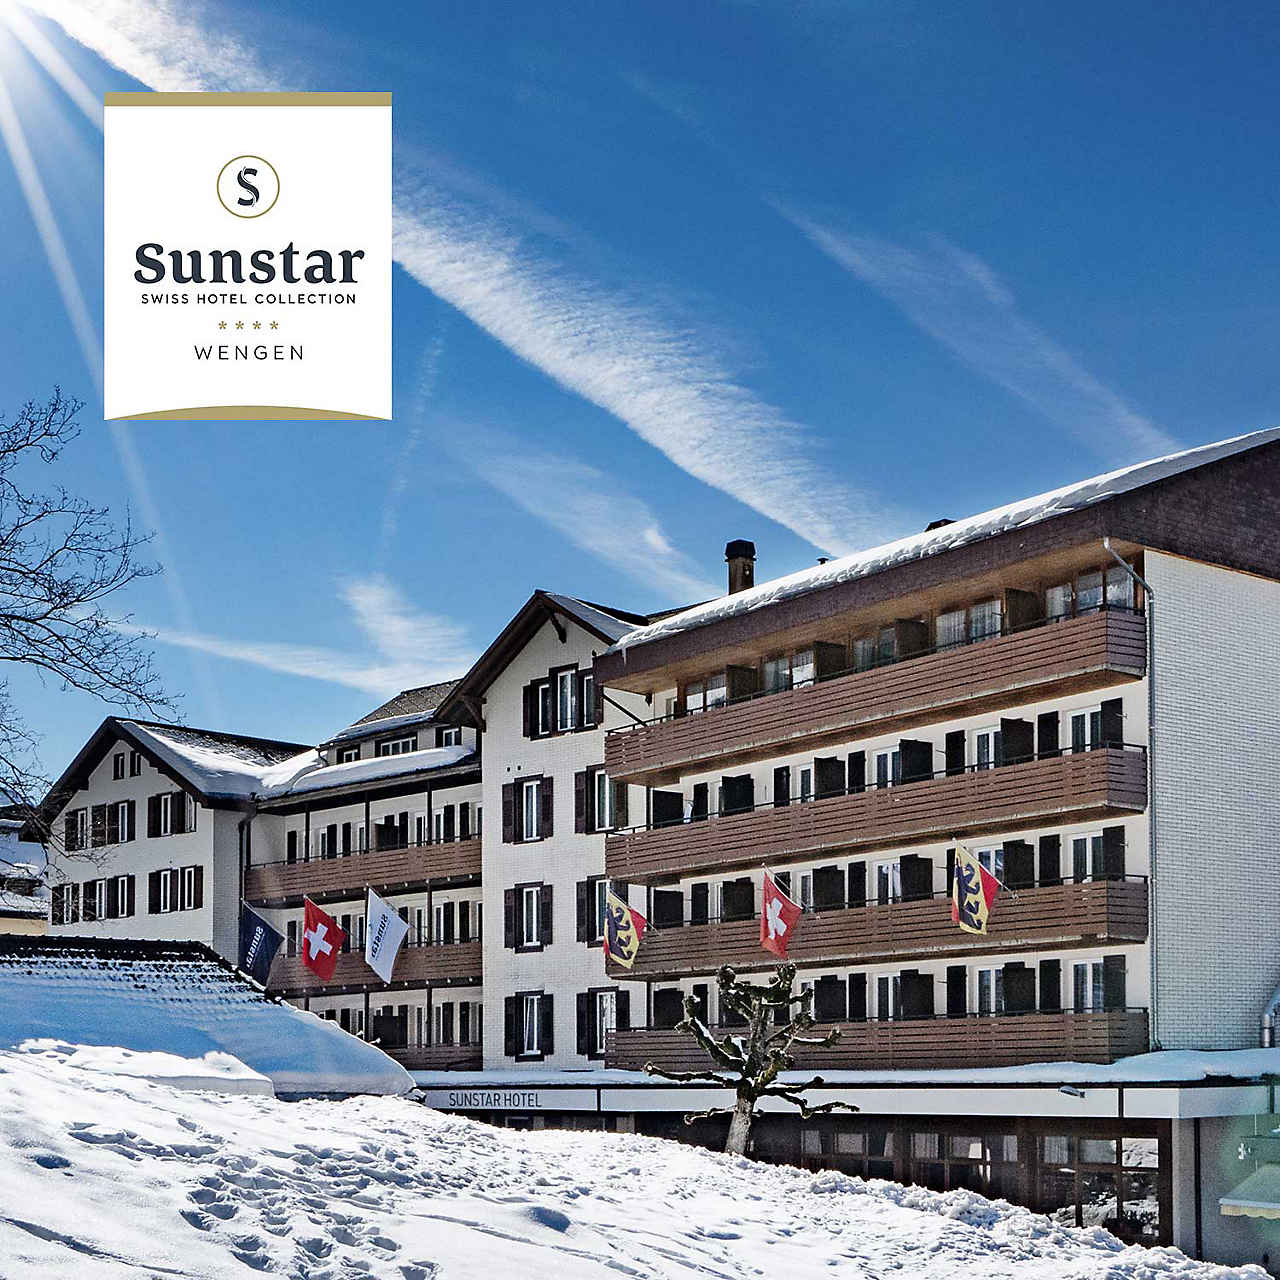 ochsner-sport-beatbeat-wengen-hotel-sunstar-logo_21_SQ